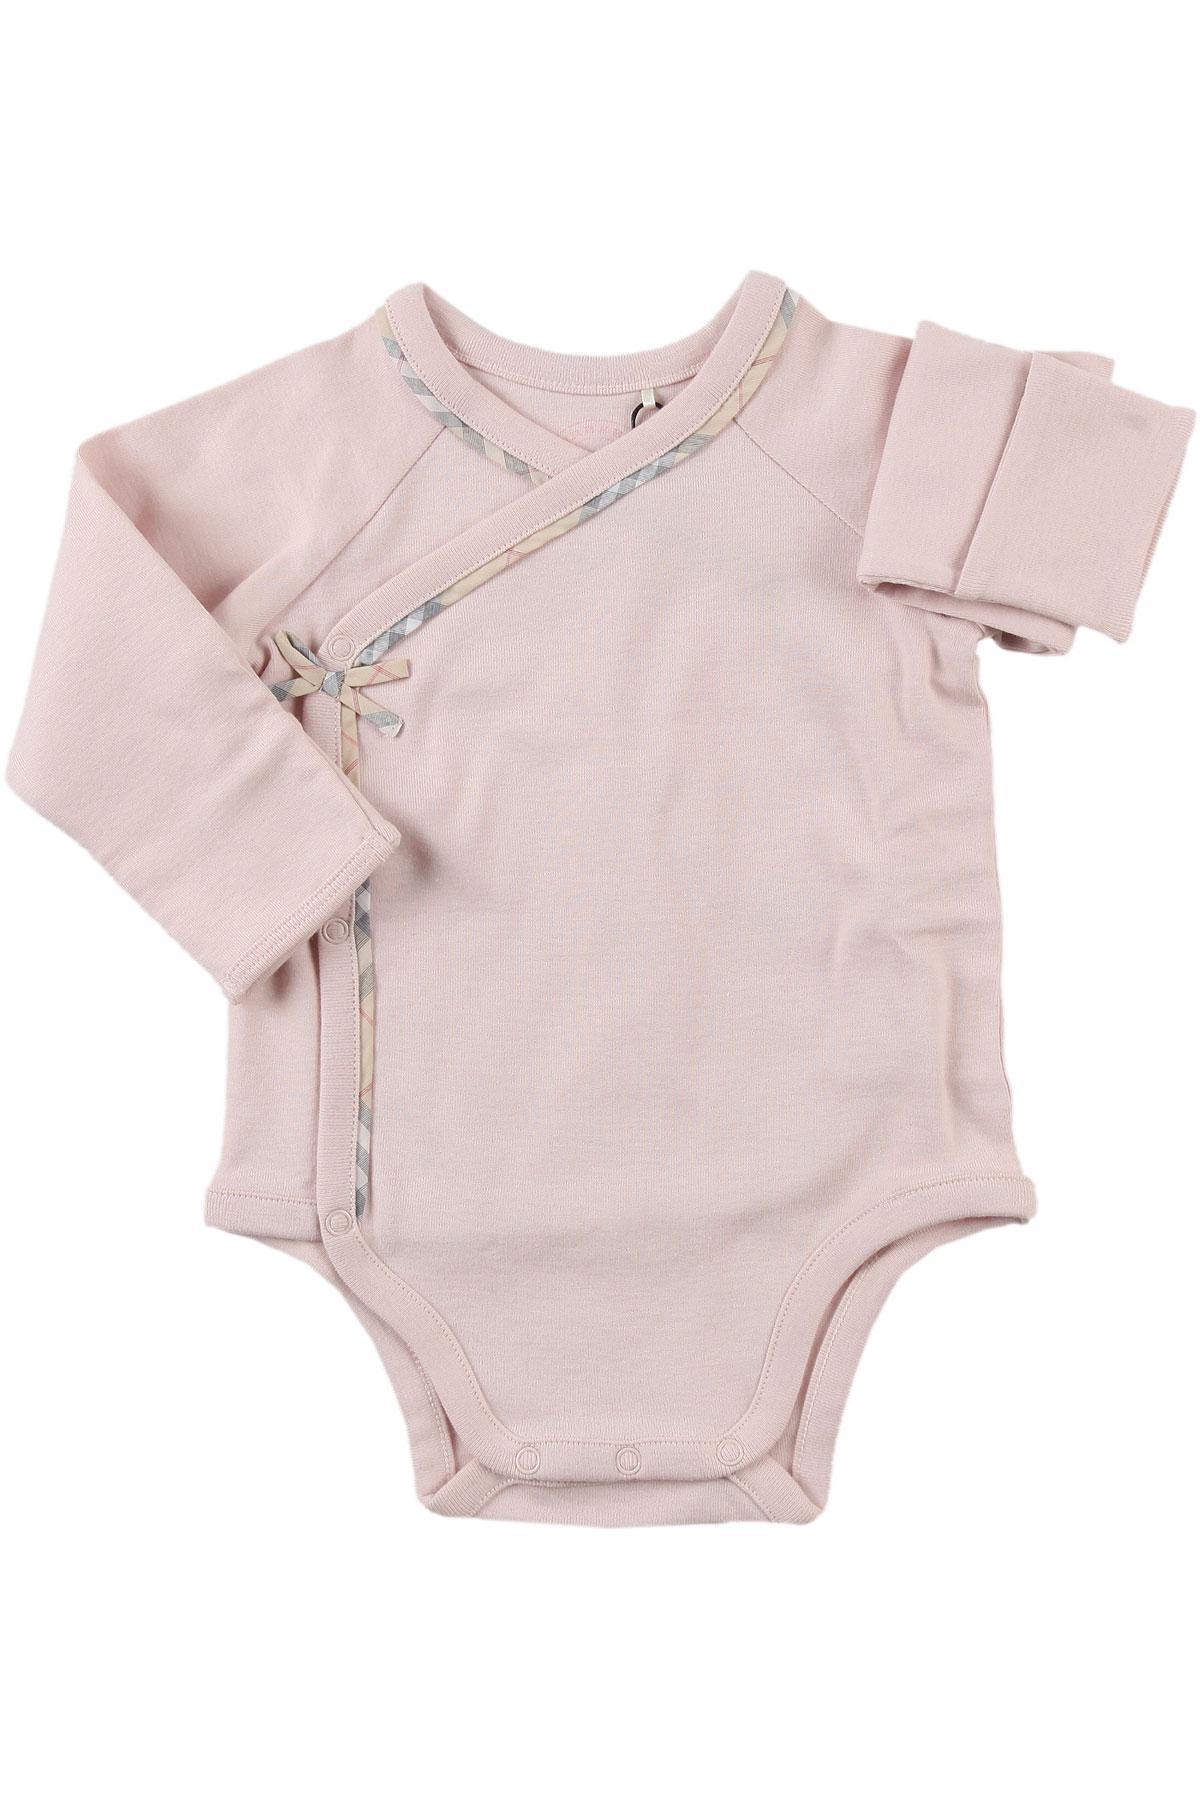 Lyst - Set para Bebé Niña Baratos en Rebajas Outlet Burberry de ... c1e4228caac